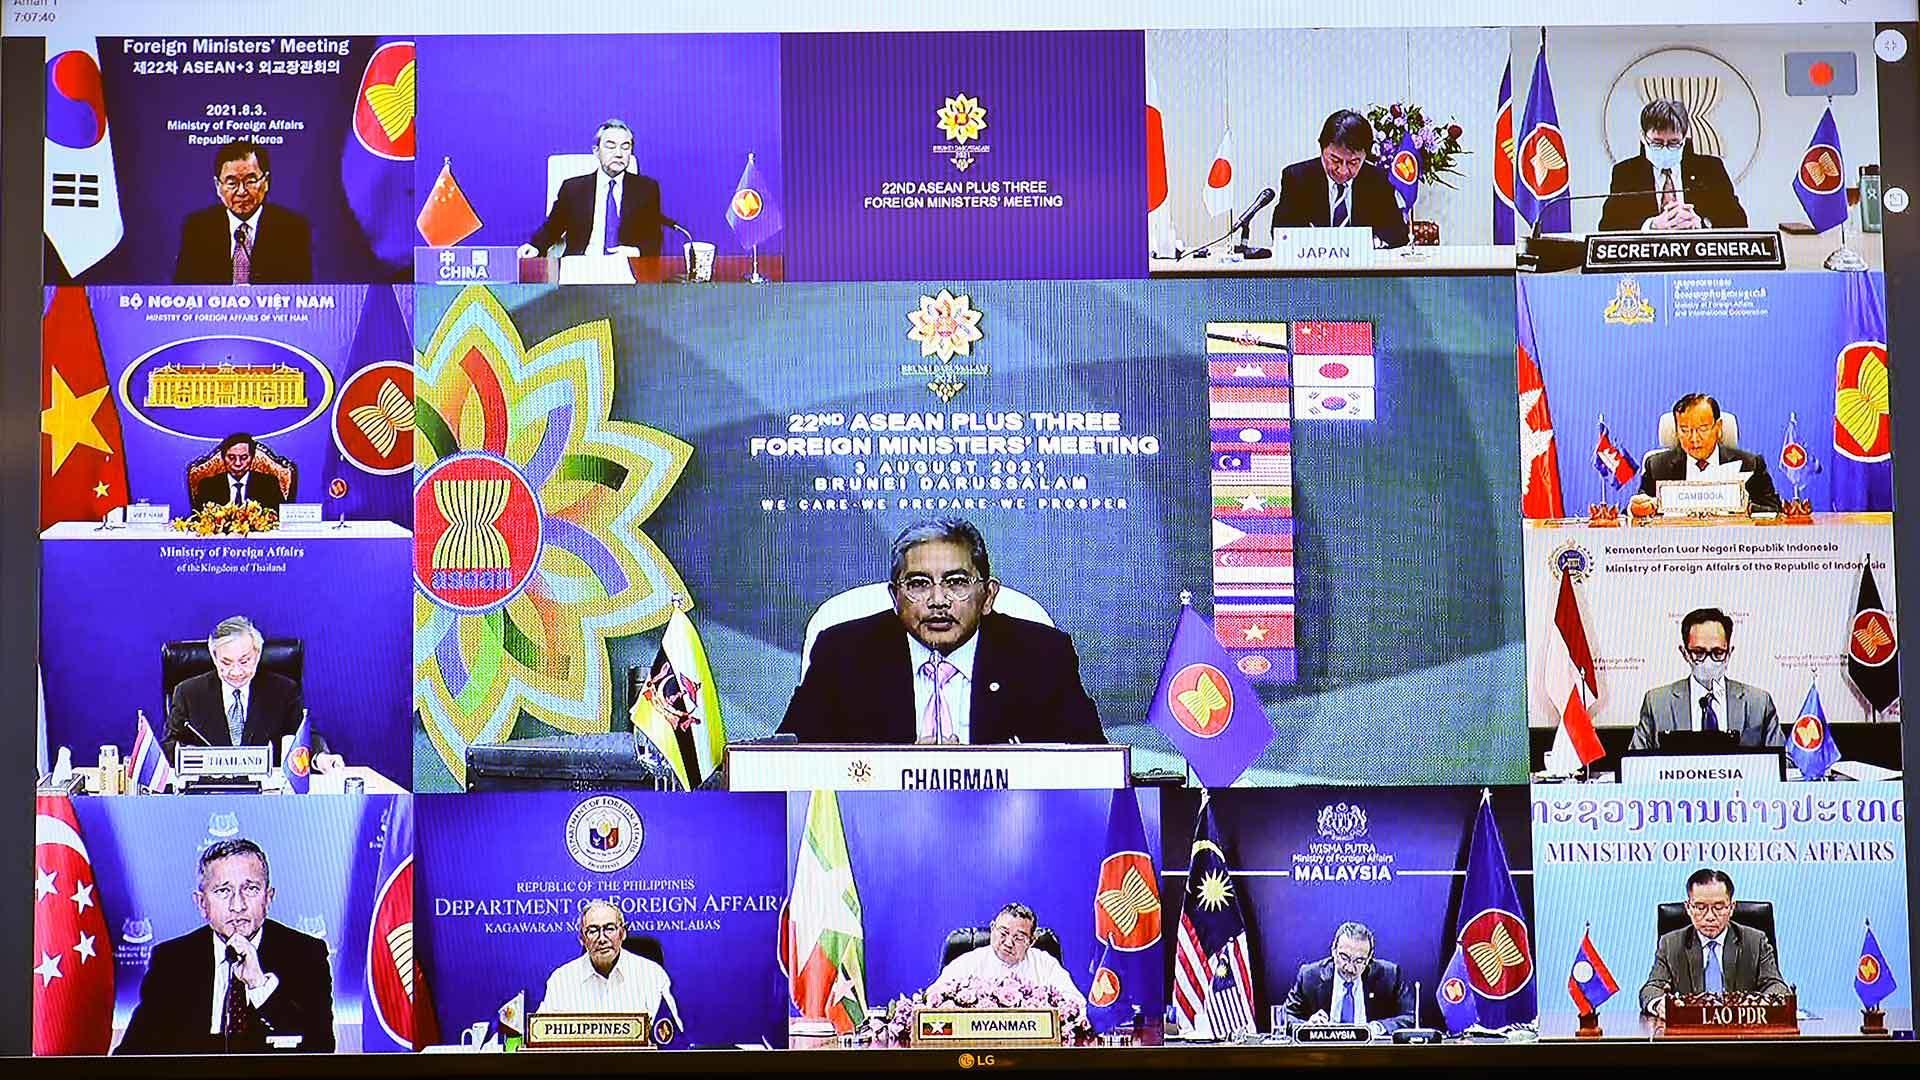 Bộ trưởng Ngoại giao: Cần hướng tới tự cường, tự chủ vắc xin Covid-19